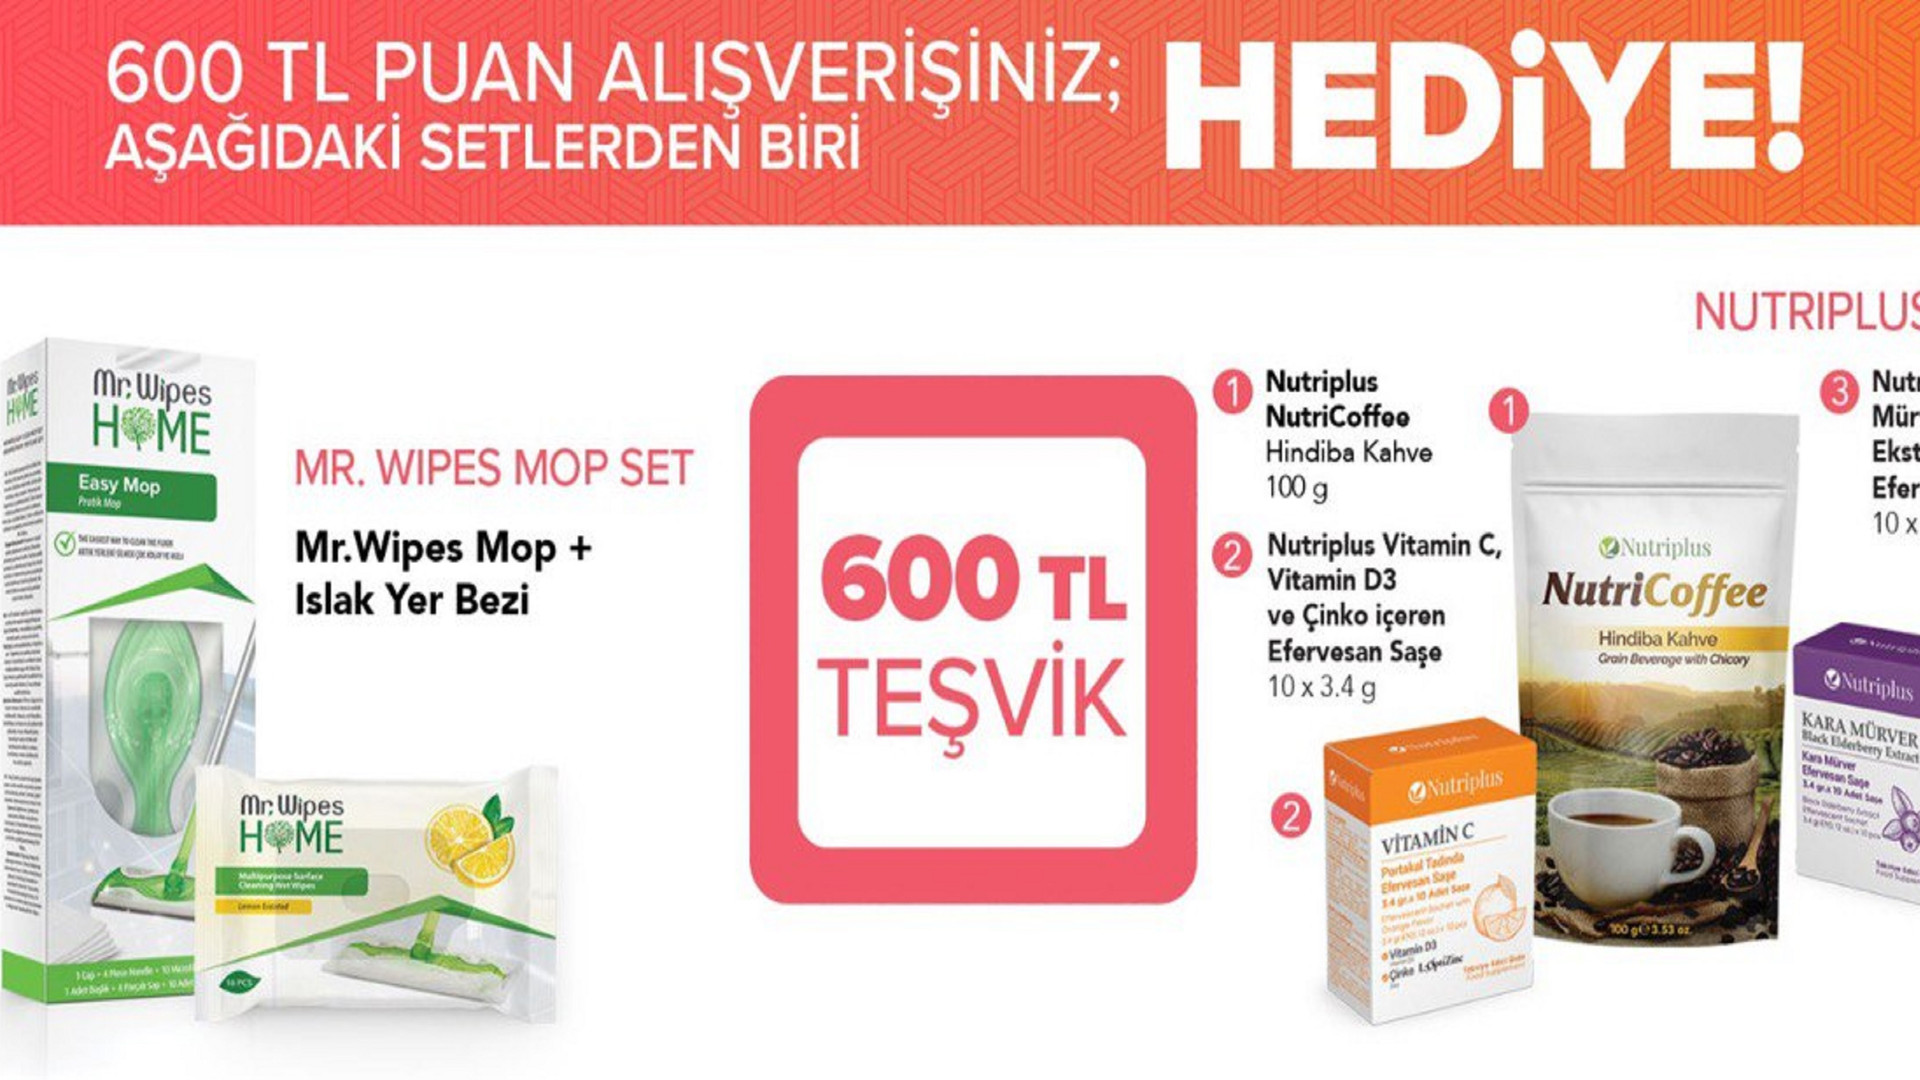 farmasi-kasim-sans-katalogu-2020 (8).jpg